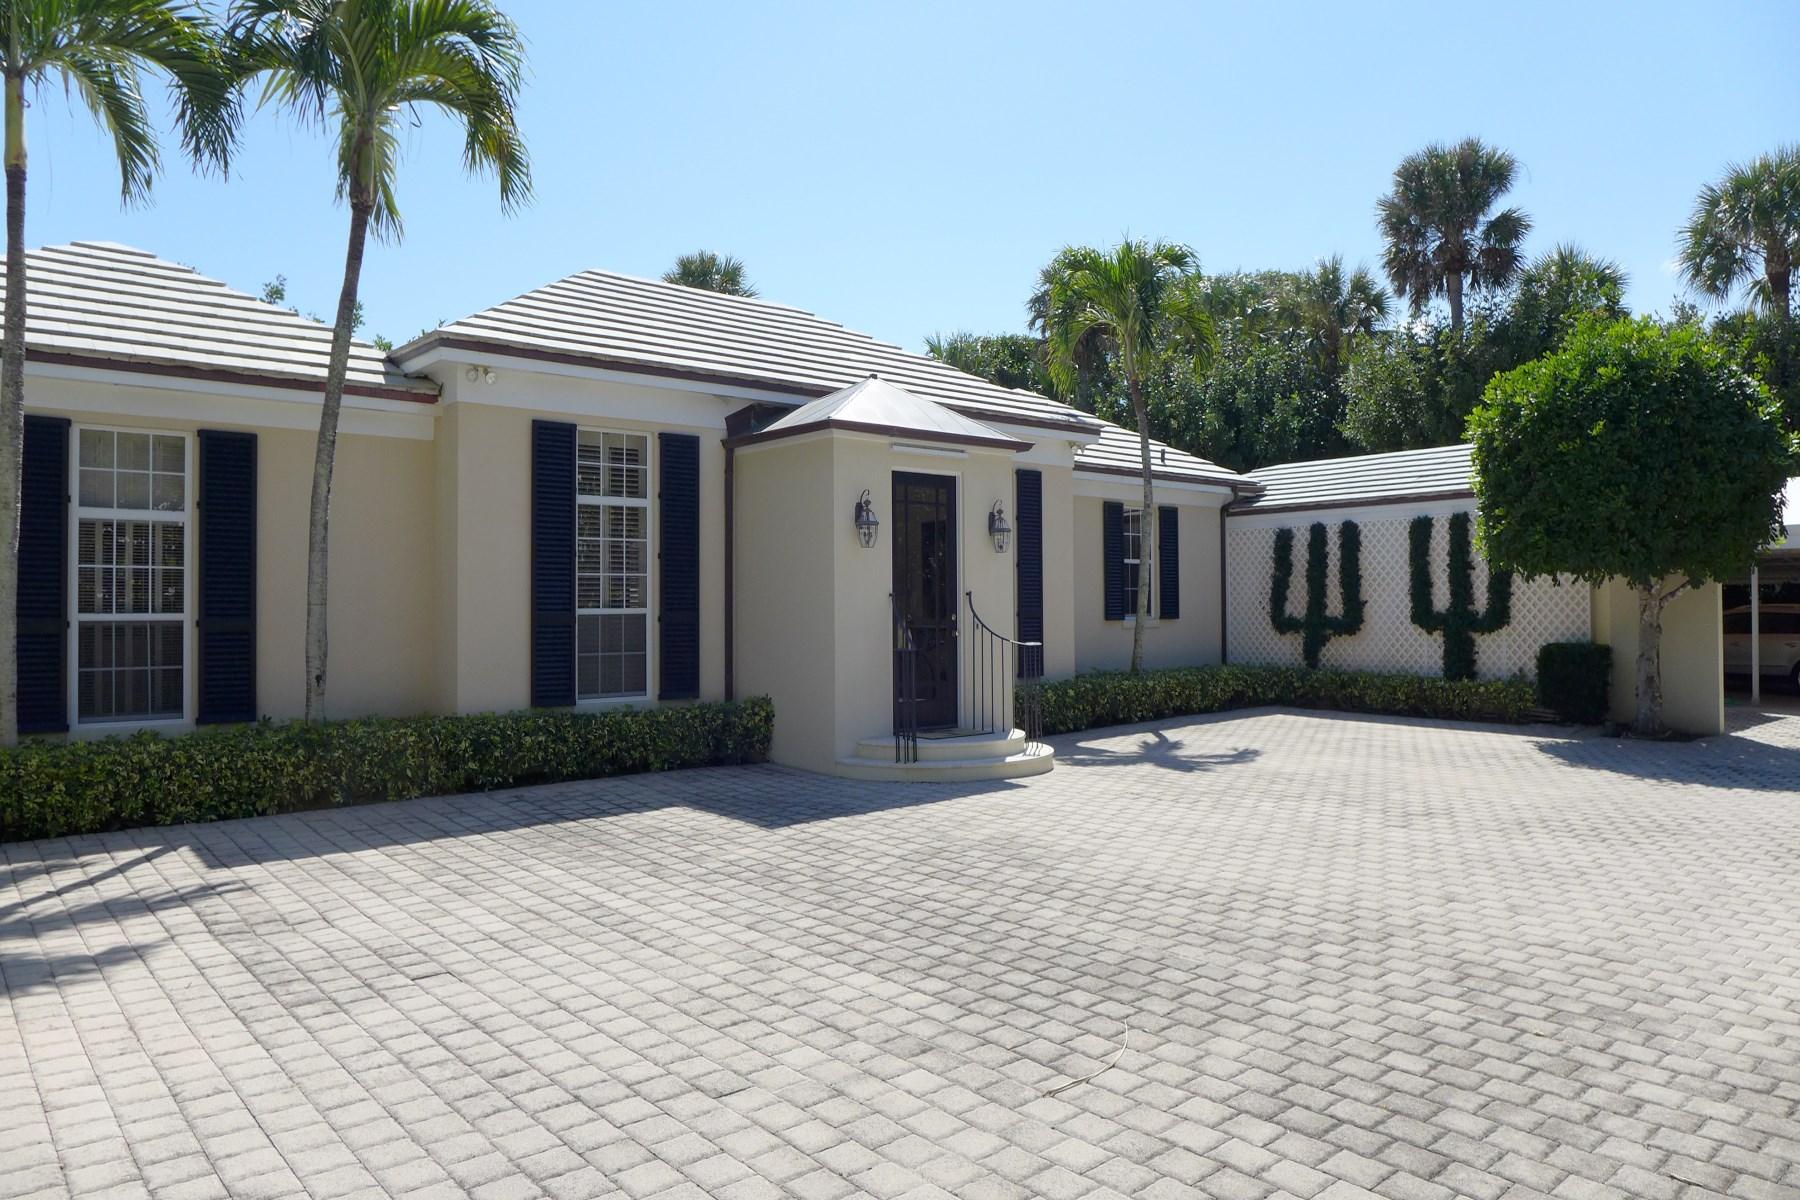 独户住宅 为 销售 在 Jupiter Island Retreat 142 S Beach Rd Hobe Sound, 佛罗里达州, 33455 美国